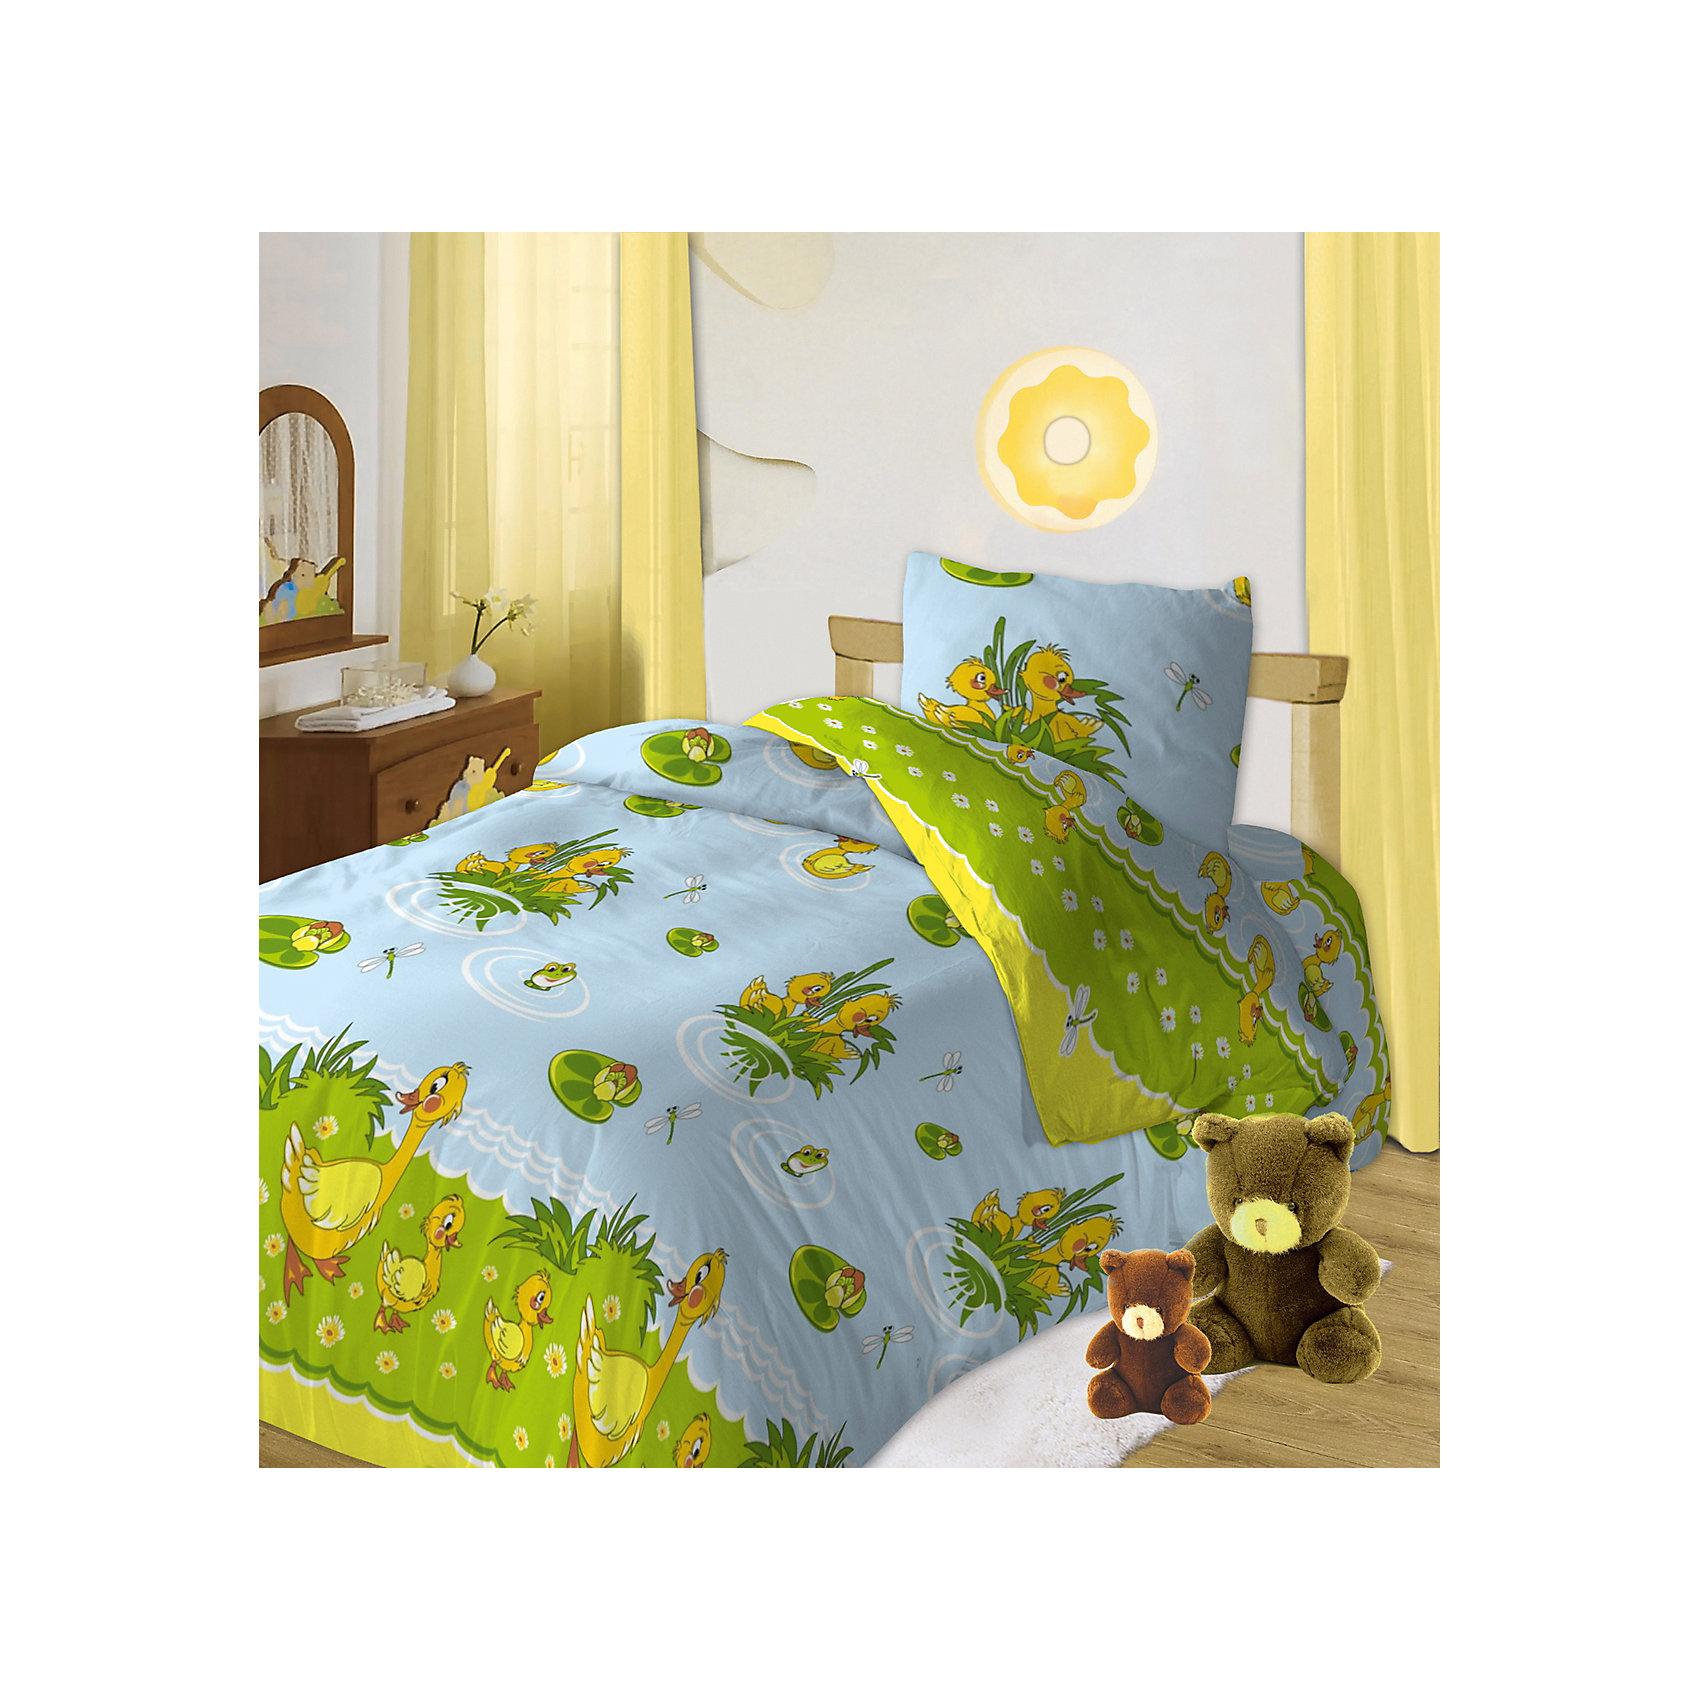 Детский комплект Утята, Кошки-мышкиС комплектом постельного белья Утята, Кошки-мышки, Ваш ребенок с удовольствием будет укладываться в свою кроватку и видеть чудесные сказочные сны. Комплект в приятных голубых тонах украшен изображениями очаровательных утят, гуляющих по зеленой травке и плавающих в пруду. Материал представляет собой качественную плотную бязь, очень комфортную и приятную на ощупь. Ткань отвечает всем экологическим нормам безопасности, дышащая, гипоаллергенная, не нарушает естественные процессы терморегуляции. При стирке белье не линяет, не деформируется и не теряет своих красок даже после многочисленных стирок.<br><br>Дополнительная информация:<br><br>- Цвет: голубой/зеленый.<br>- Тип ткани: бязь (100% хлопок).<br>- Плотность ткани (г/м) 115.<br>- В комплекте: 1 наволочка, 1 пододеяльник и 1 простыня.<br>- Размер пододеяльника: 147 х 112 см.<br>- Размер наволочки: 40 х 60 см.<br>- Размер простыни: 150 х 110 см.<br>- Размер упаковки: 25 х 5 х 25 см.<br>- Вес: 0,5 кг. <br><br>Детский комплект Утята, Кошки-мышки, можно приобрести в нашем интернет-магазине.<br><br>Ширина мм: 250<br>Глубина мм: 250<br>Высота мм: 500<br>Вес г: 500<br>Возраст от месяцев: 0<br>Возраст до месяцев: 60<br>Пол: Унисекс<br>Возраст: Детский<br>SKU: 4189942